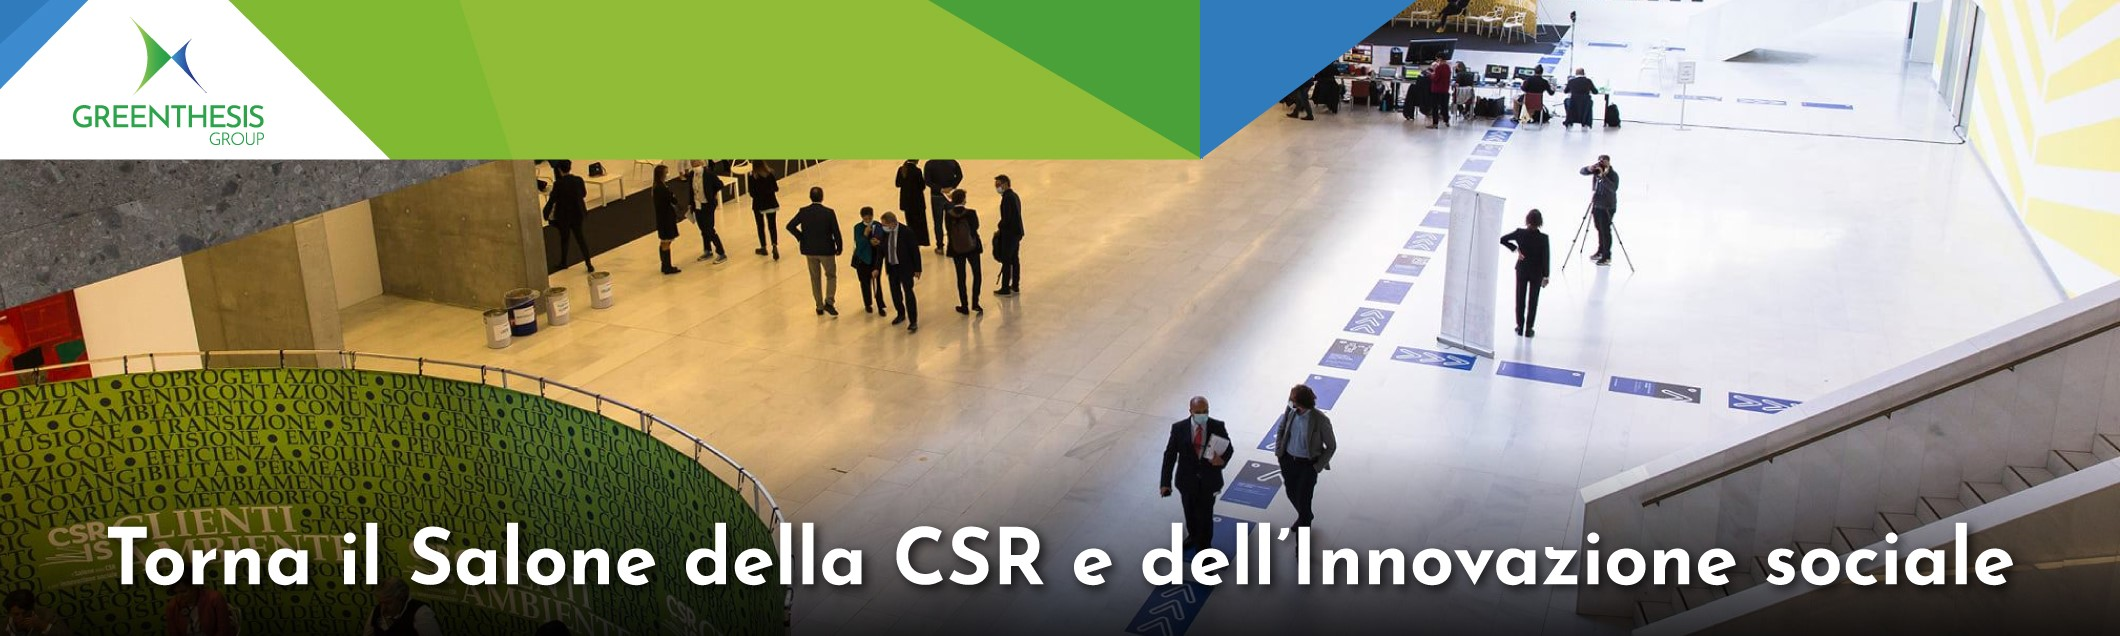 Torna il Salone della CSR e dell���Innovazione sociale